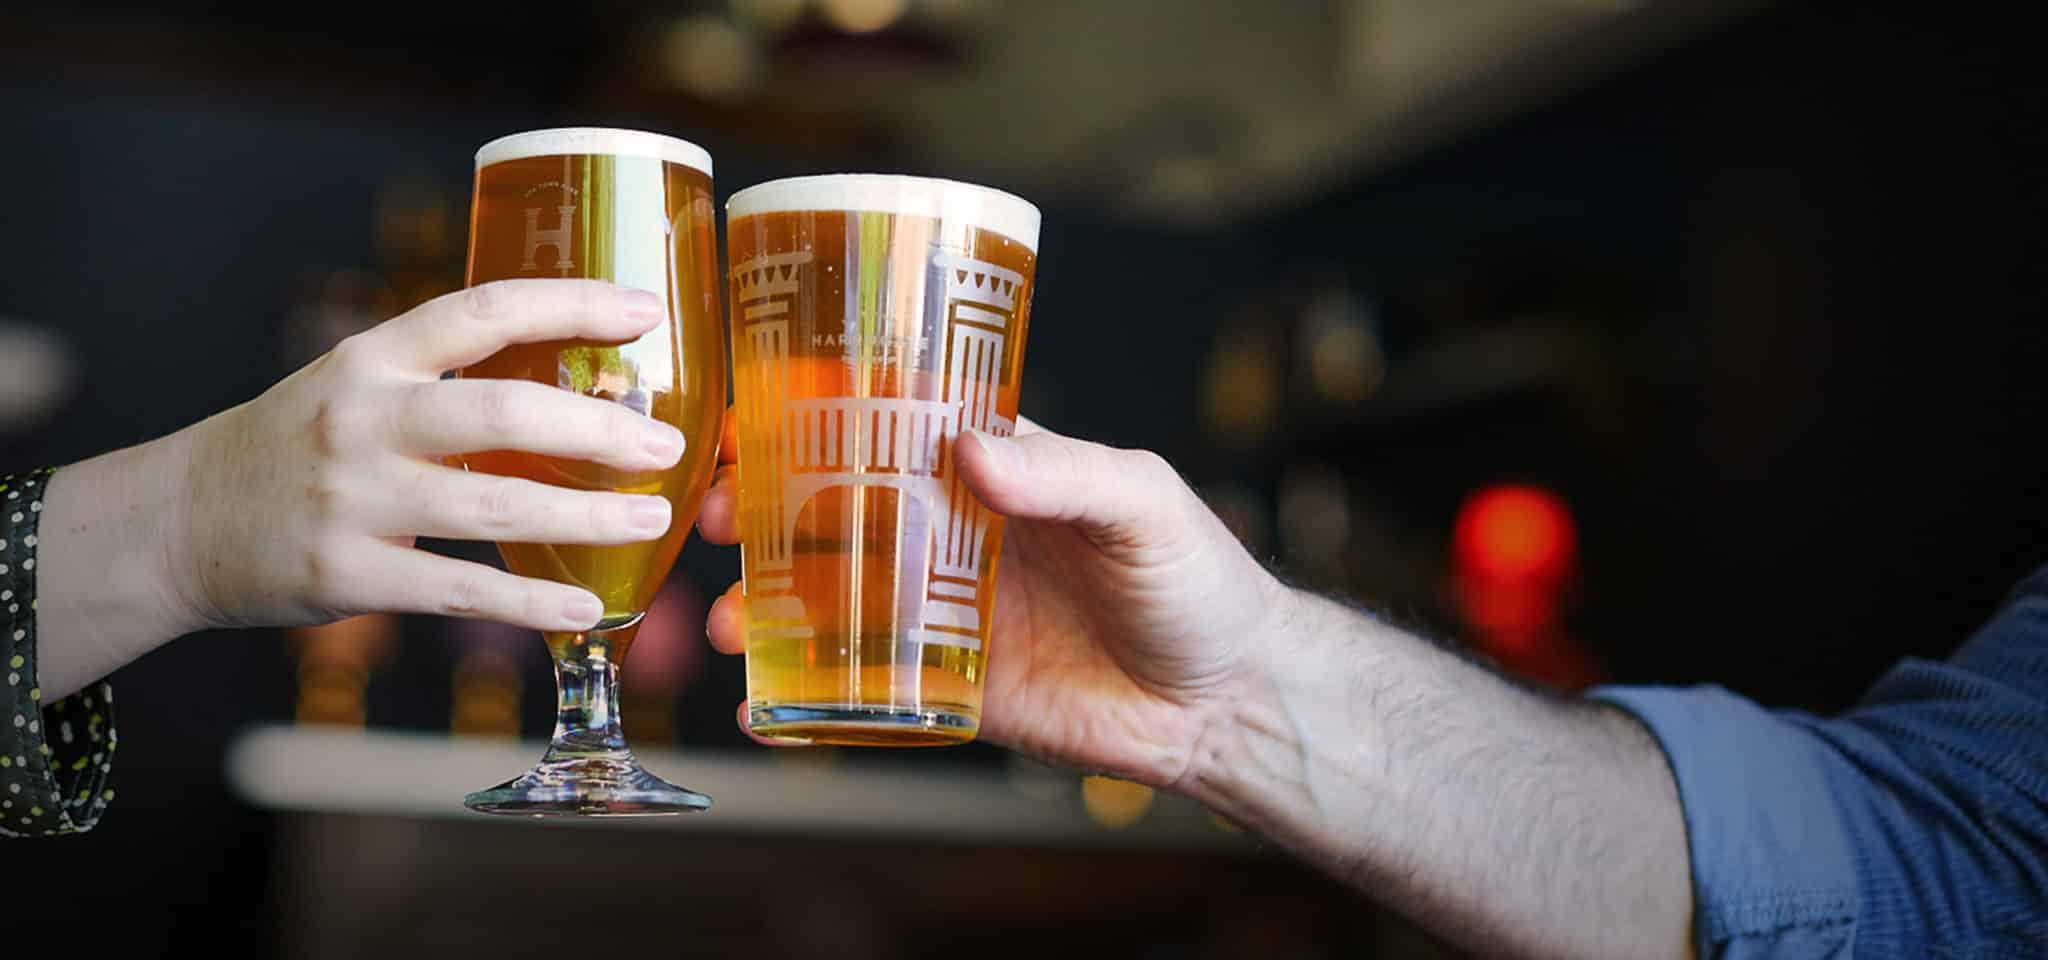 Harrogate Brewing Co. Branding, Cheers, Branded Glasses